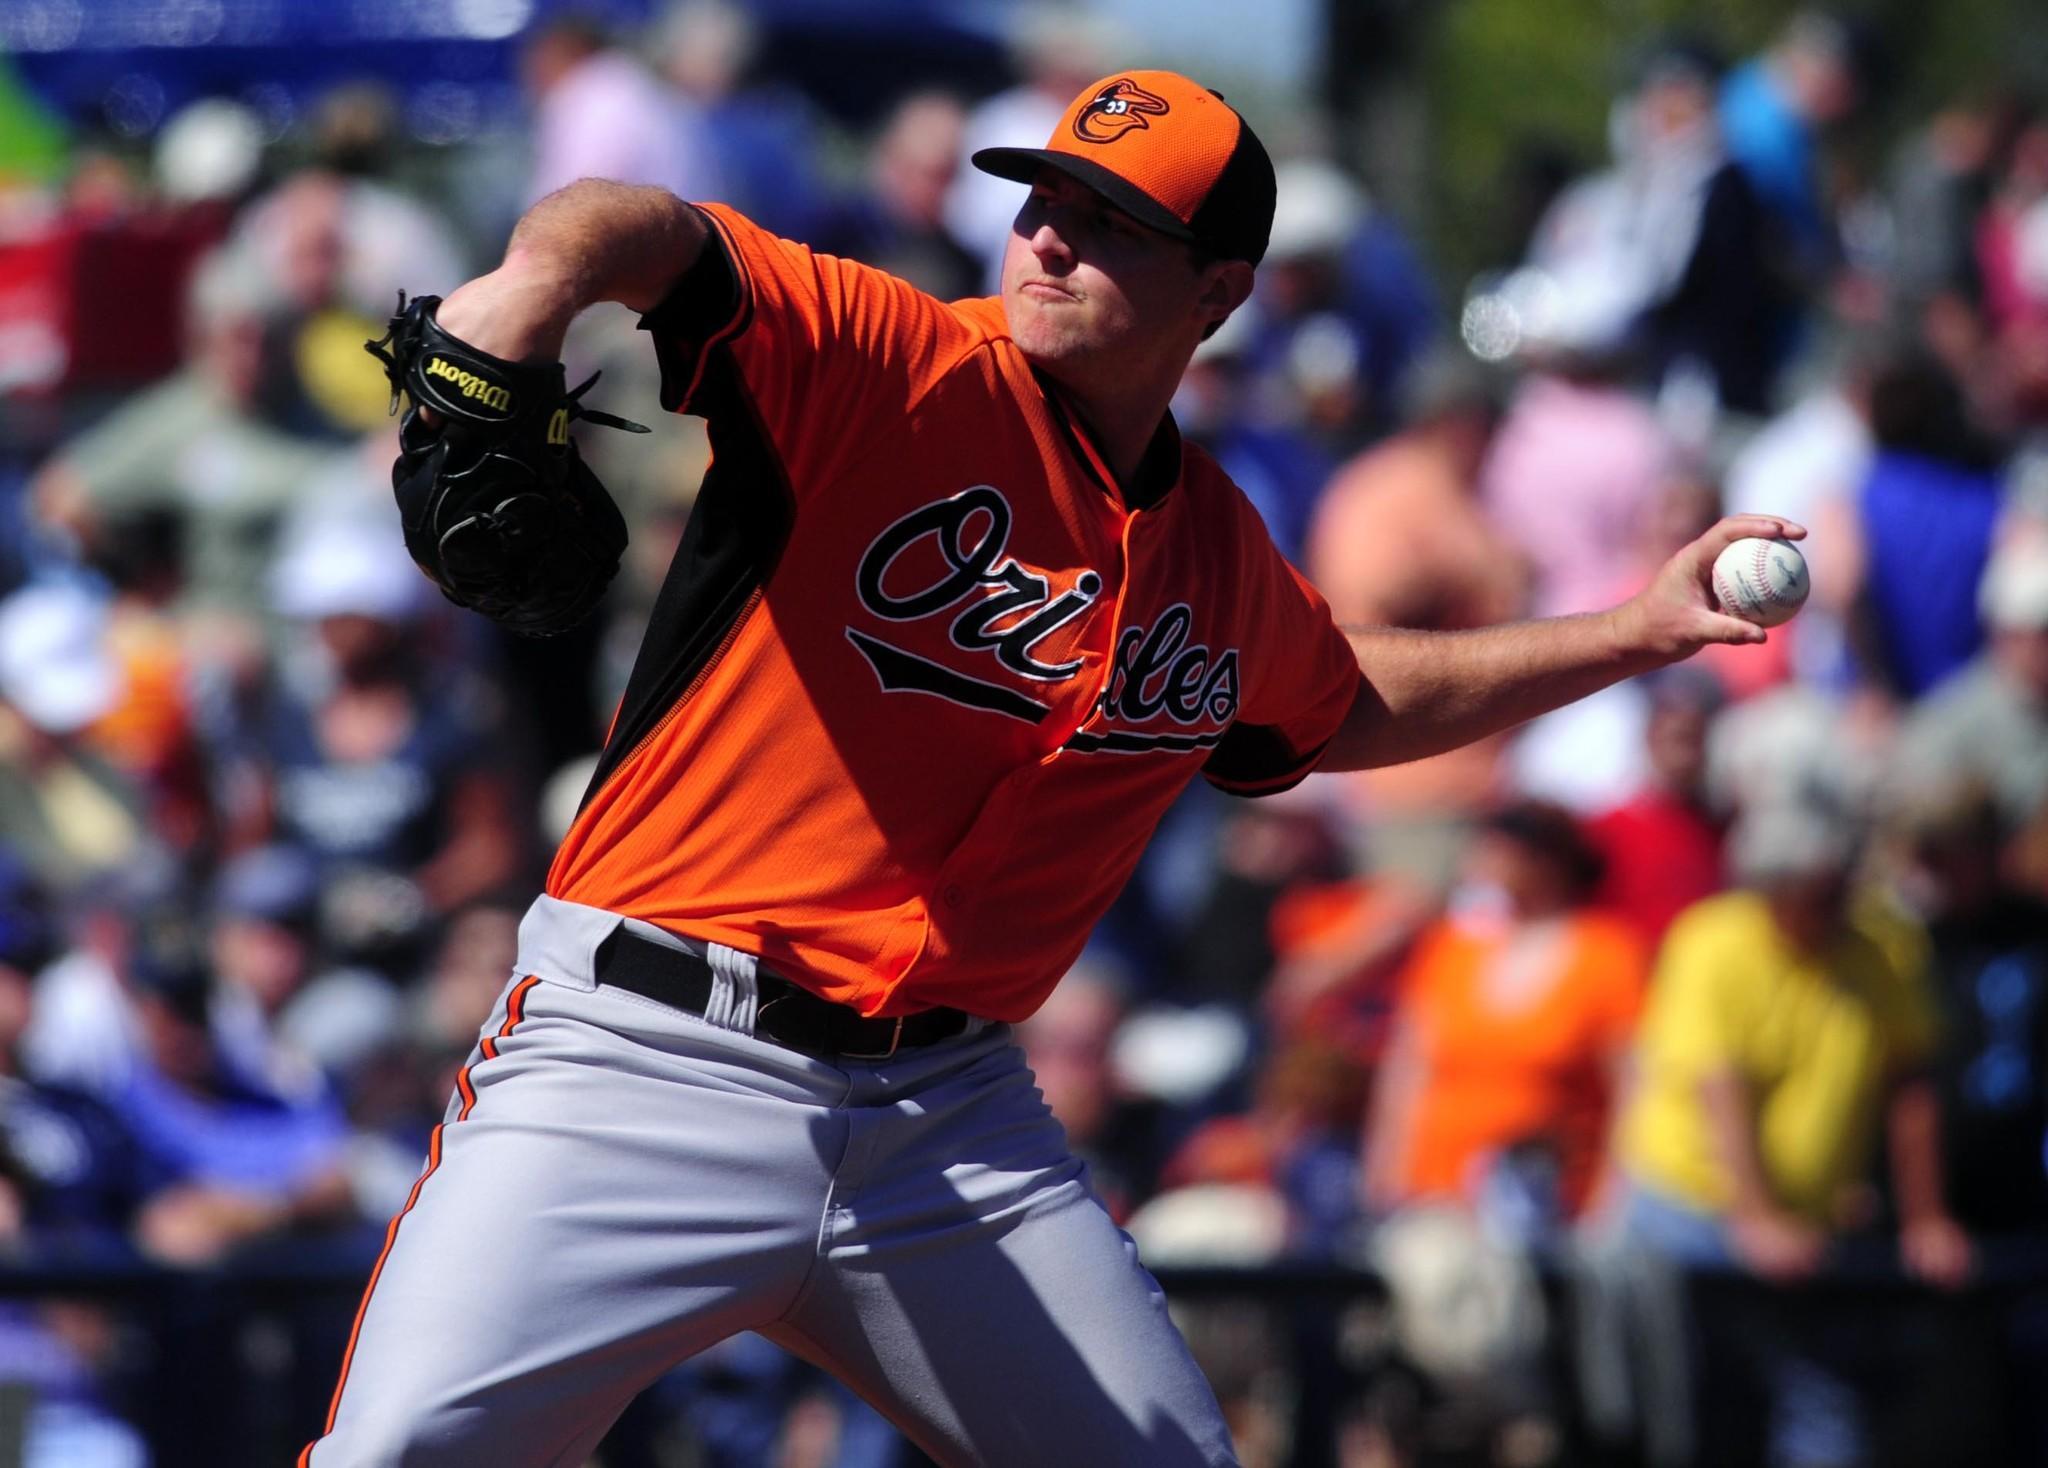 Orioles starting pitcher Zach Britton